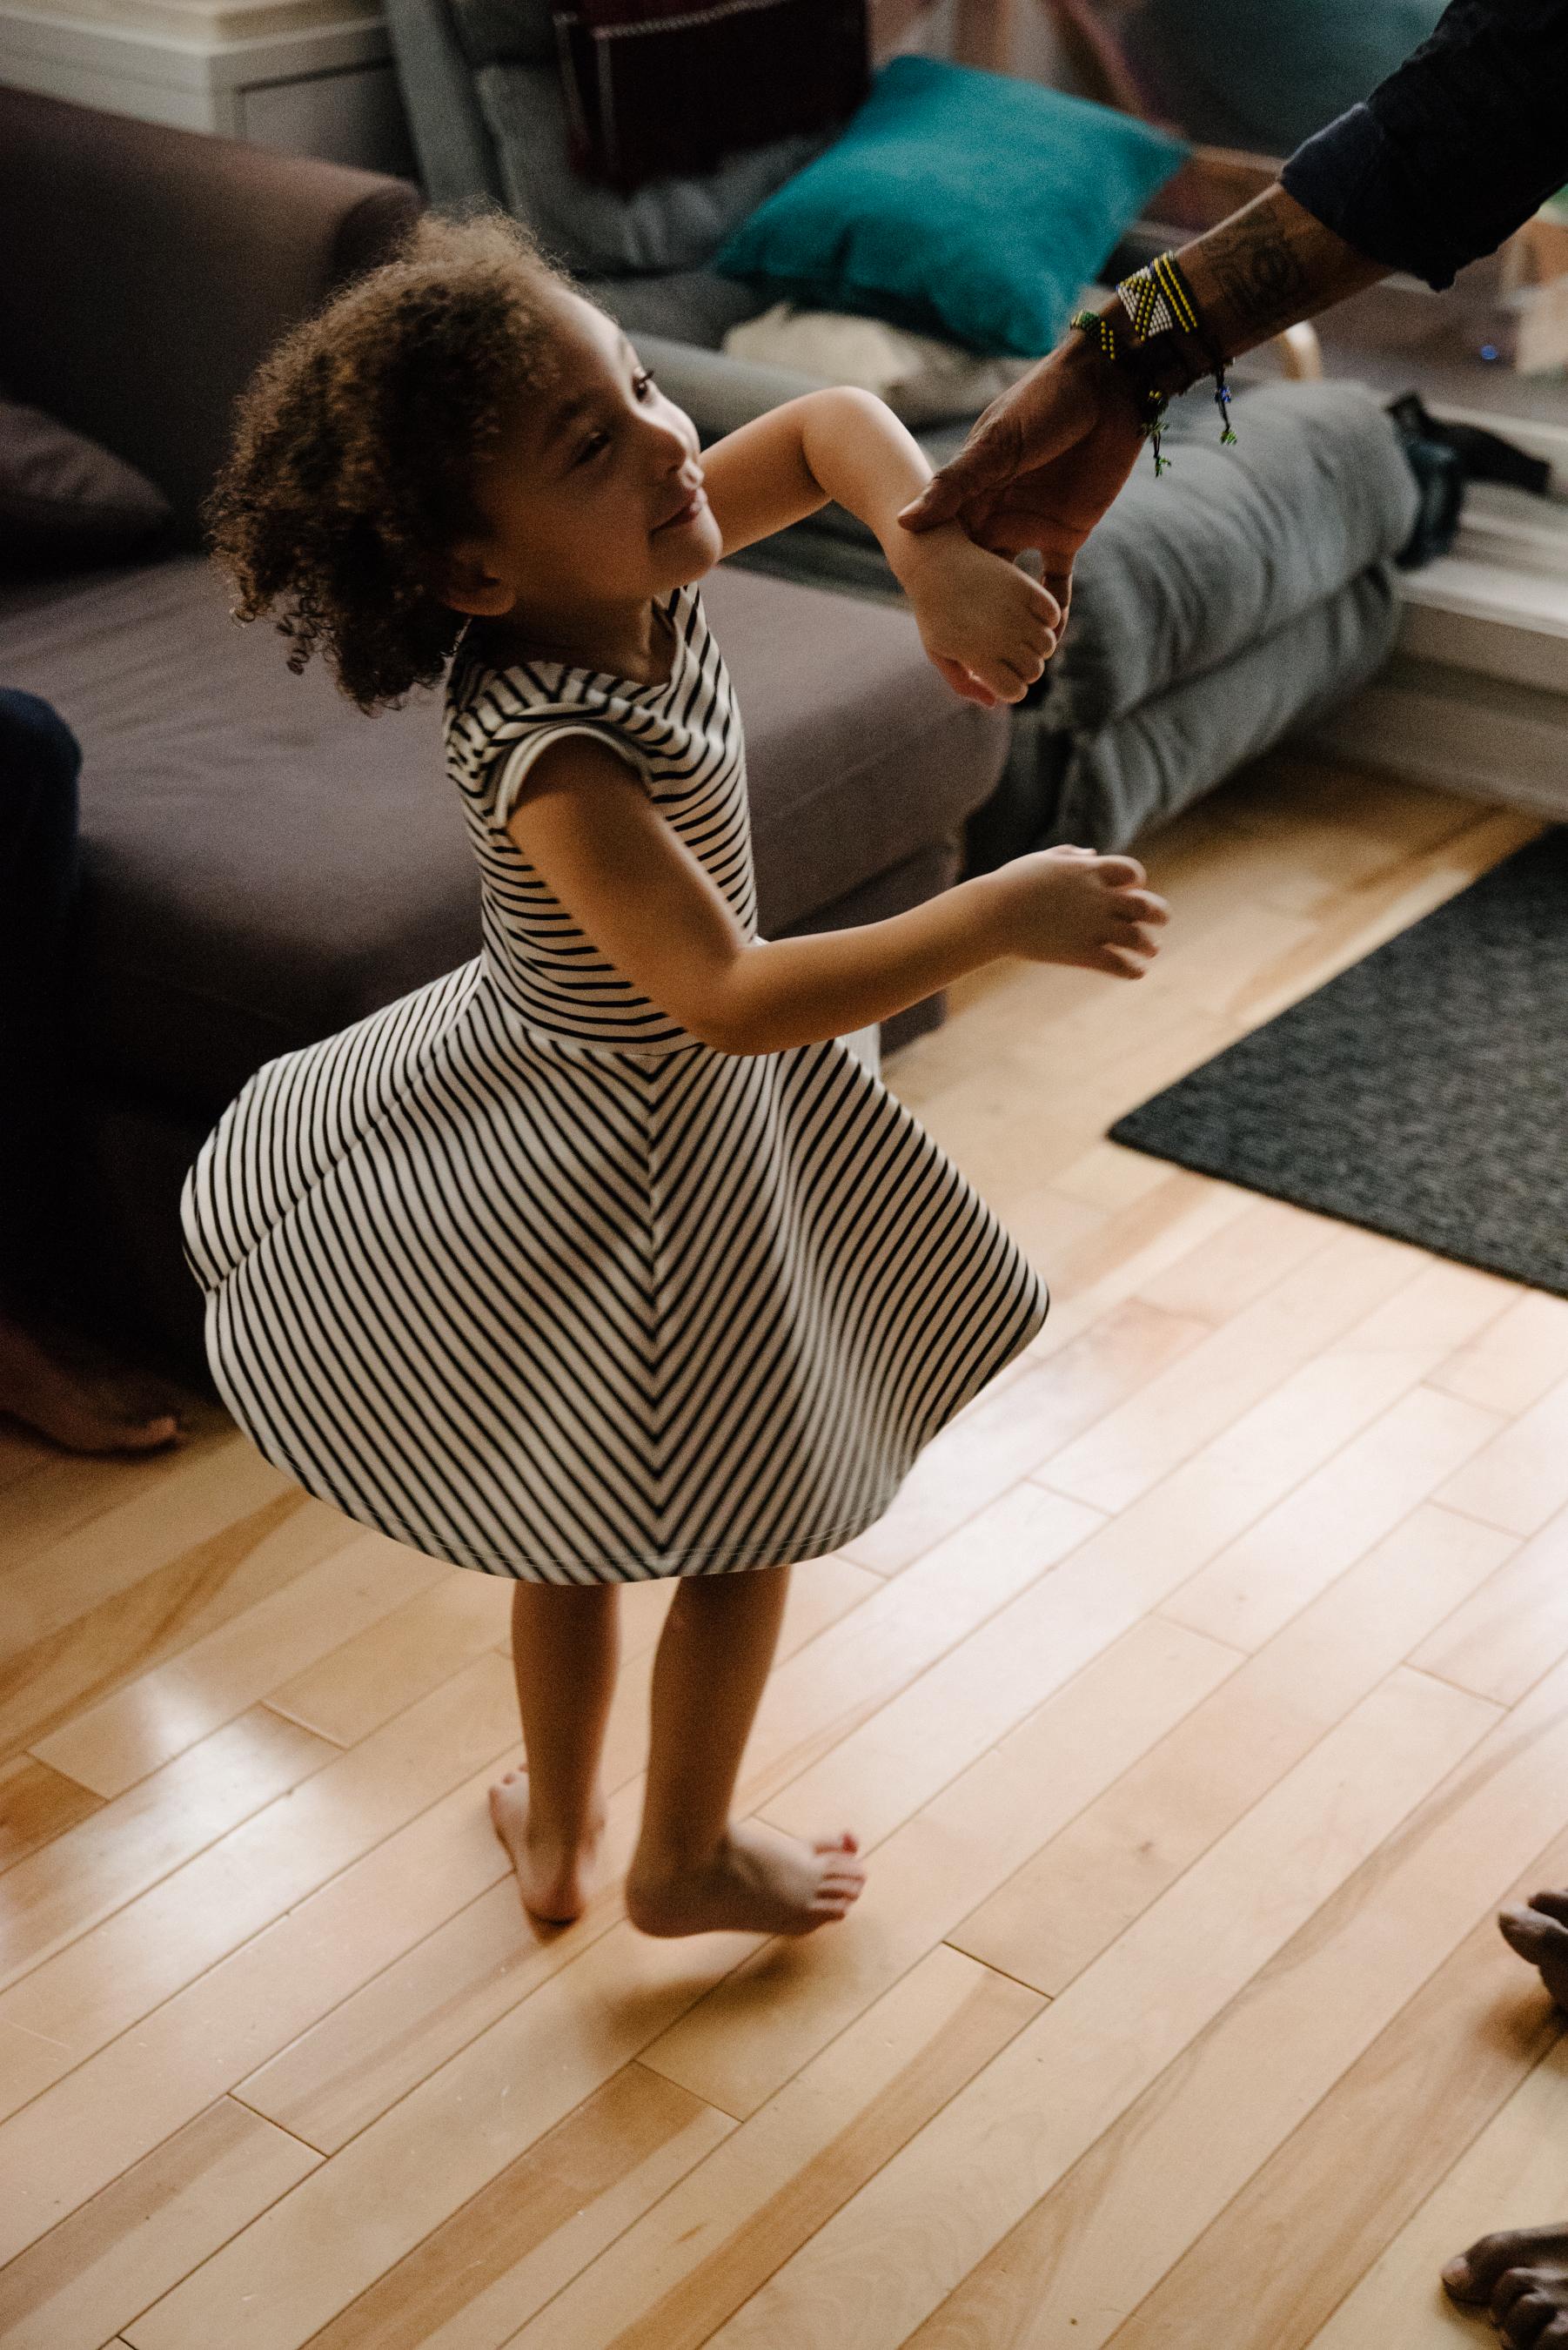 photo-dune-fillette-qui-danse-avec-son-papa-dans-l-appartement-photographe-de-famille-a-montreal-marianne-charland-1152.jpg